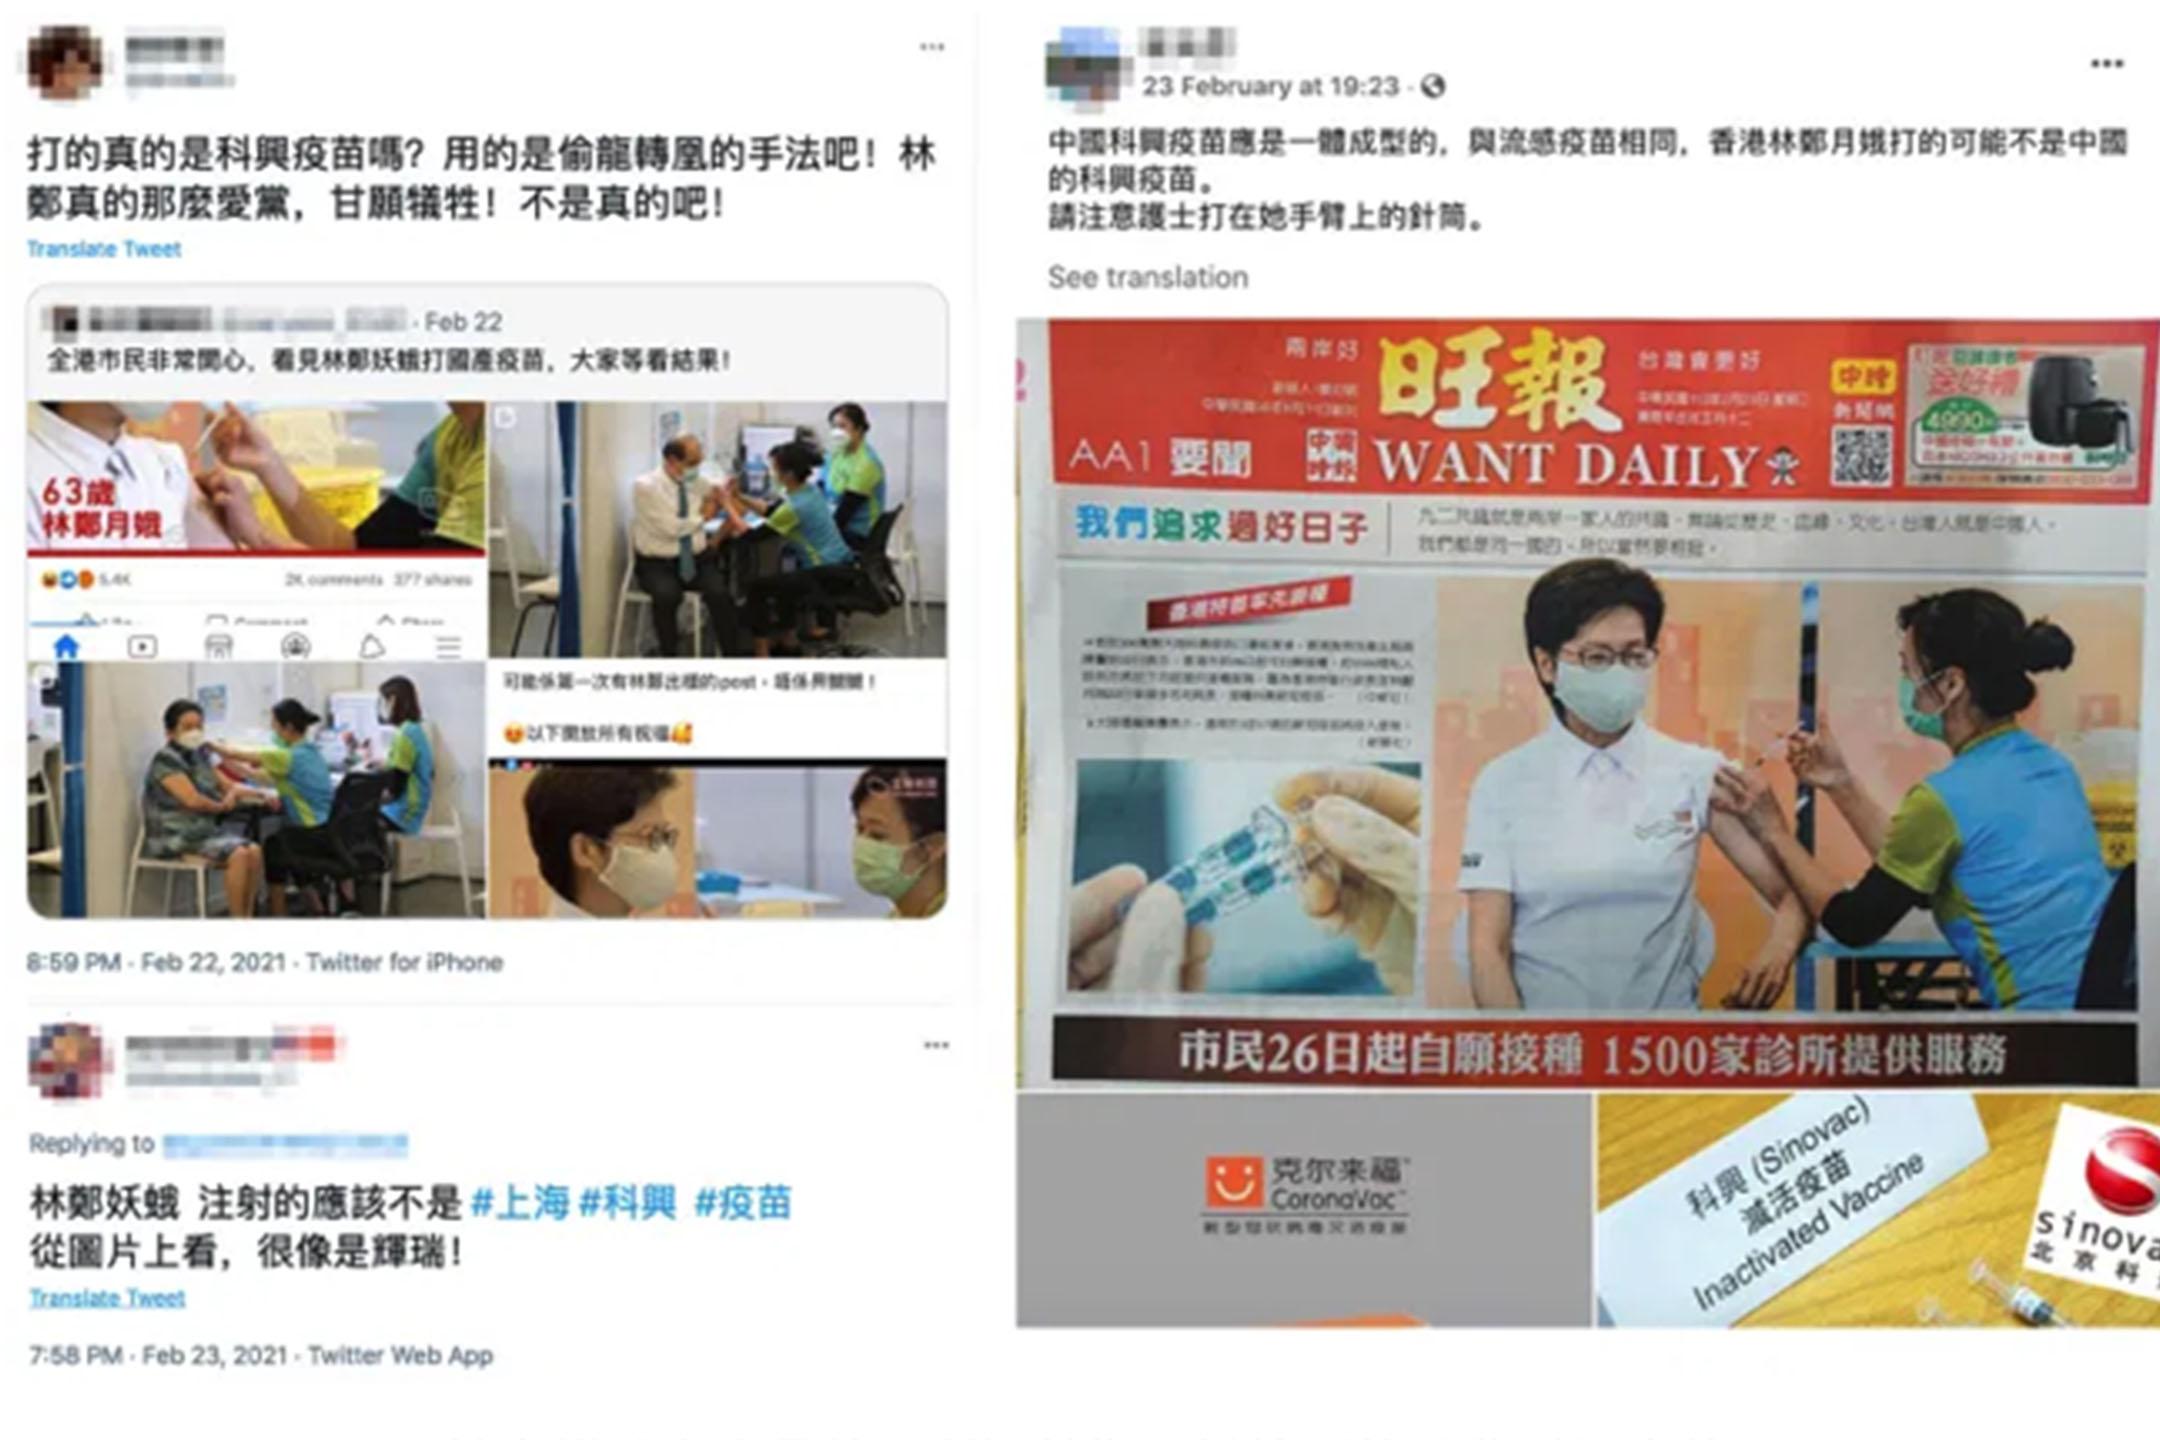 大量社群平台貼文質疑林鄭月娥打假疫苗。